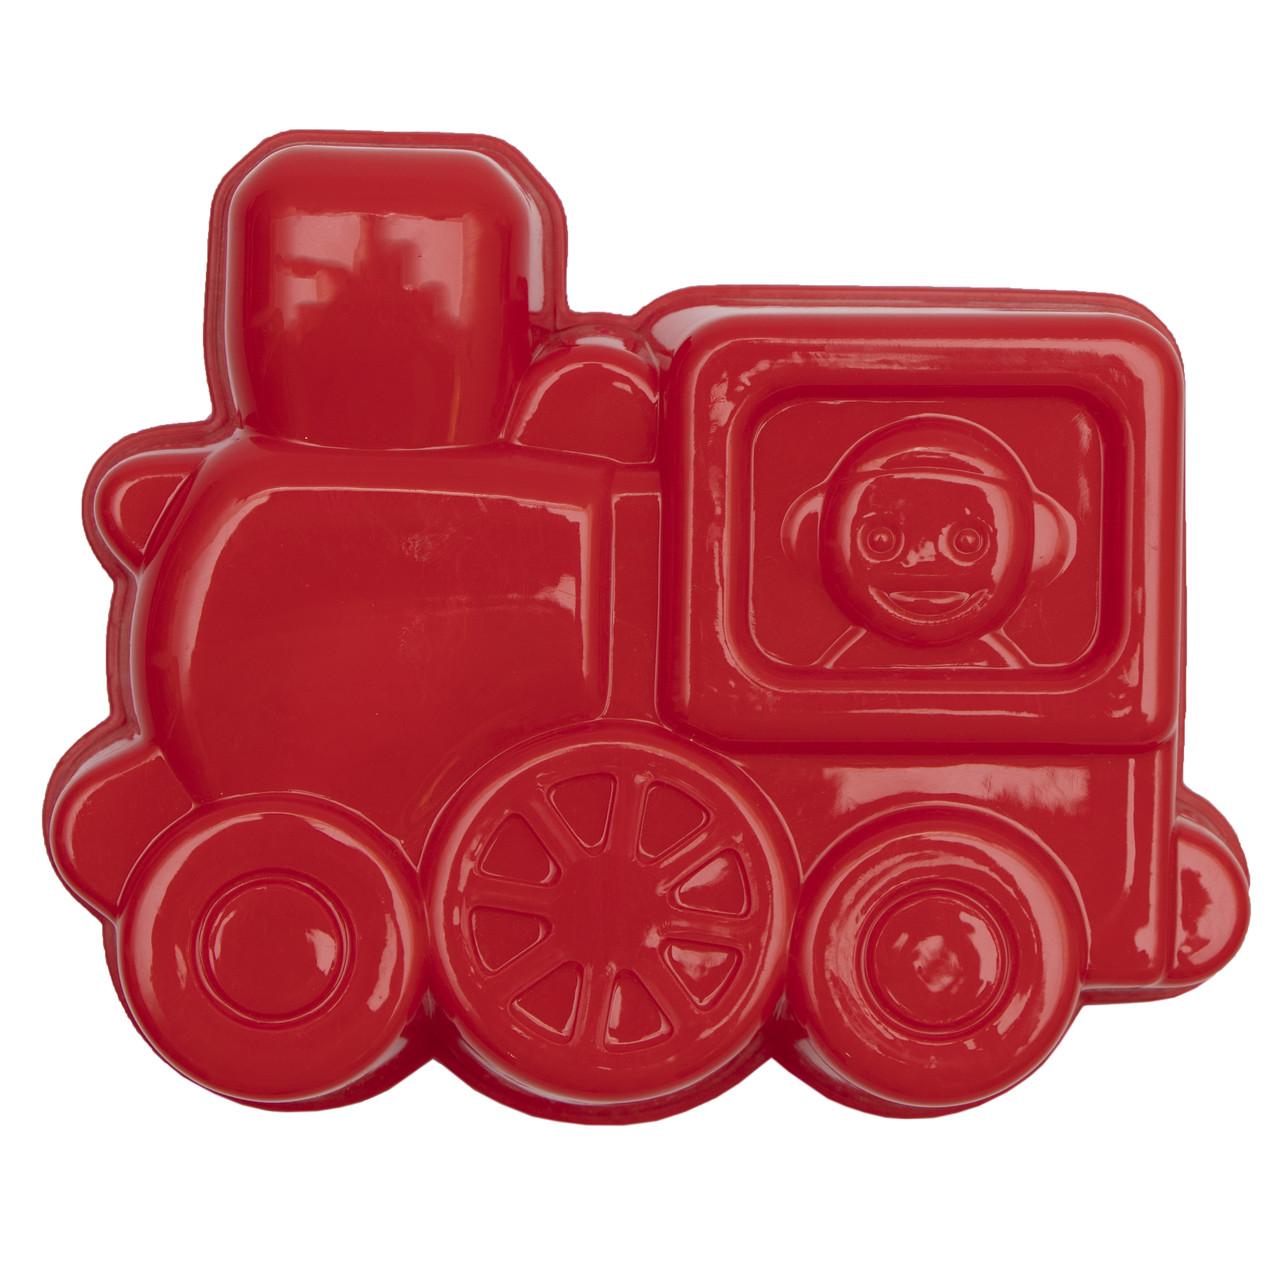 Формочка-паровозик, красный, 16 см (JH2-006-2)